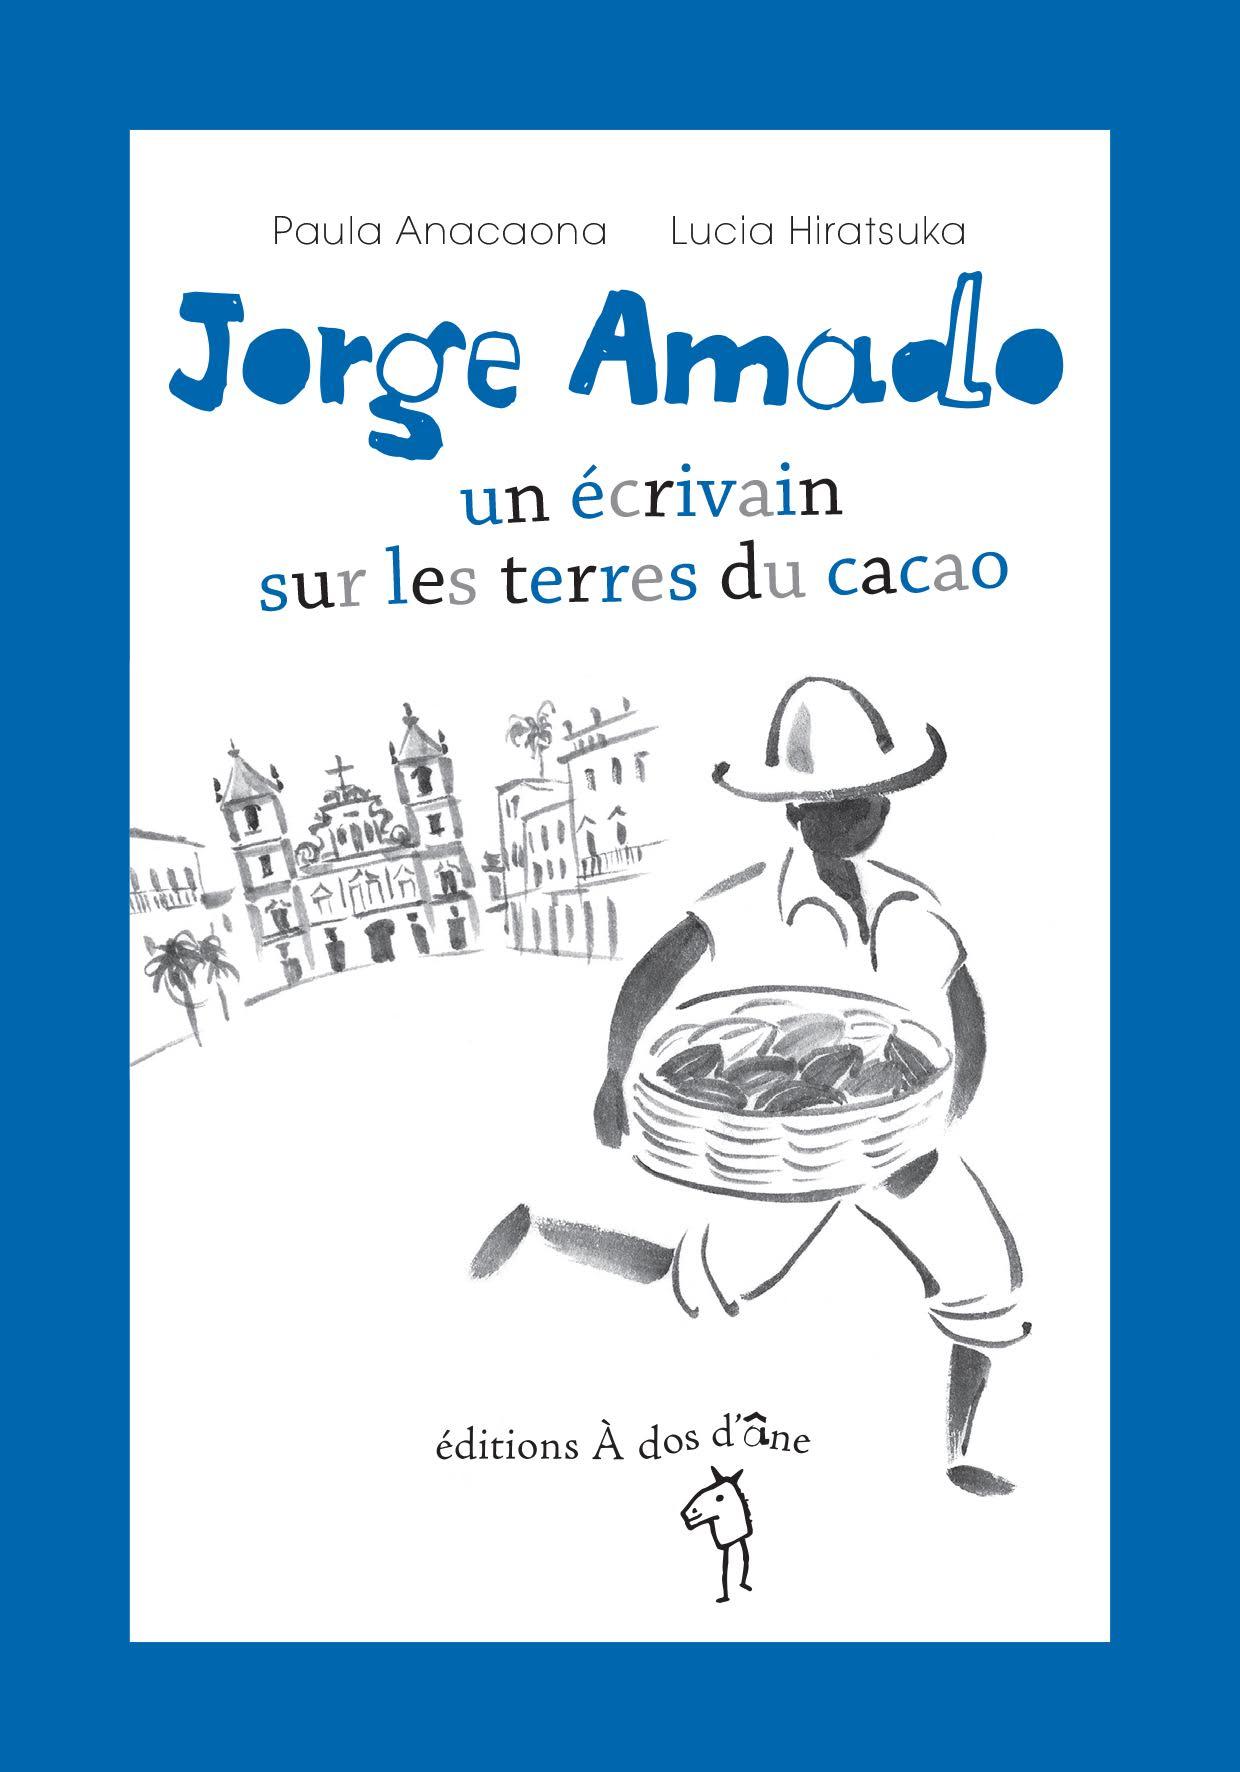 Jorge Amado sur les terres du cacao